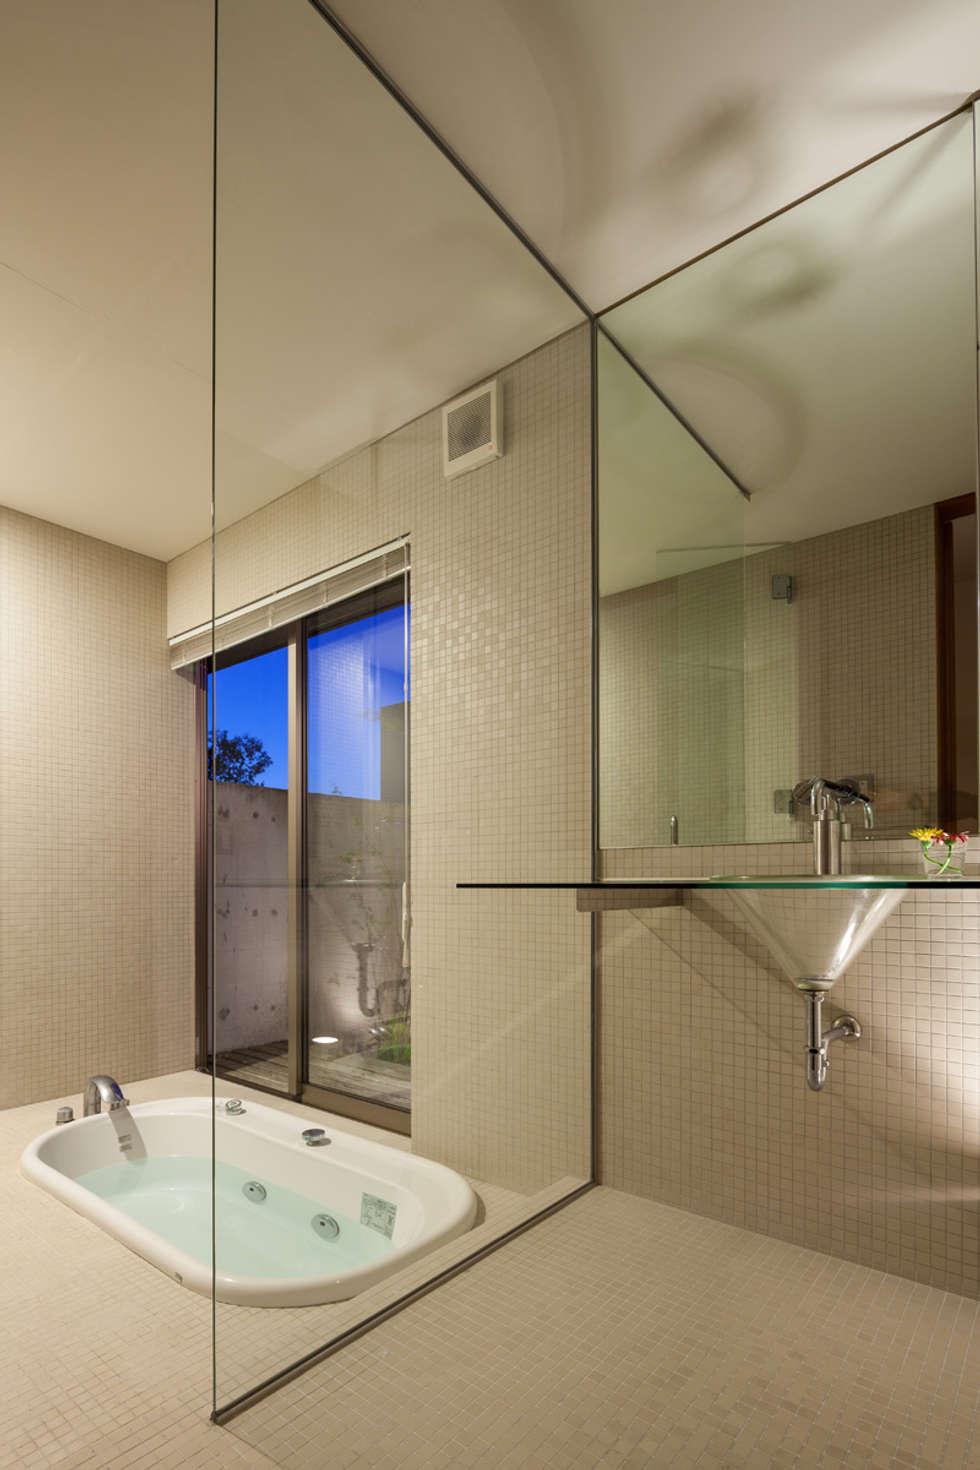 浴室: 川添純一郎建築設計事務所が手掛けた家です。